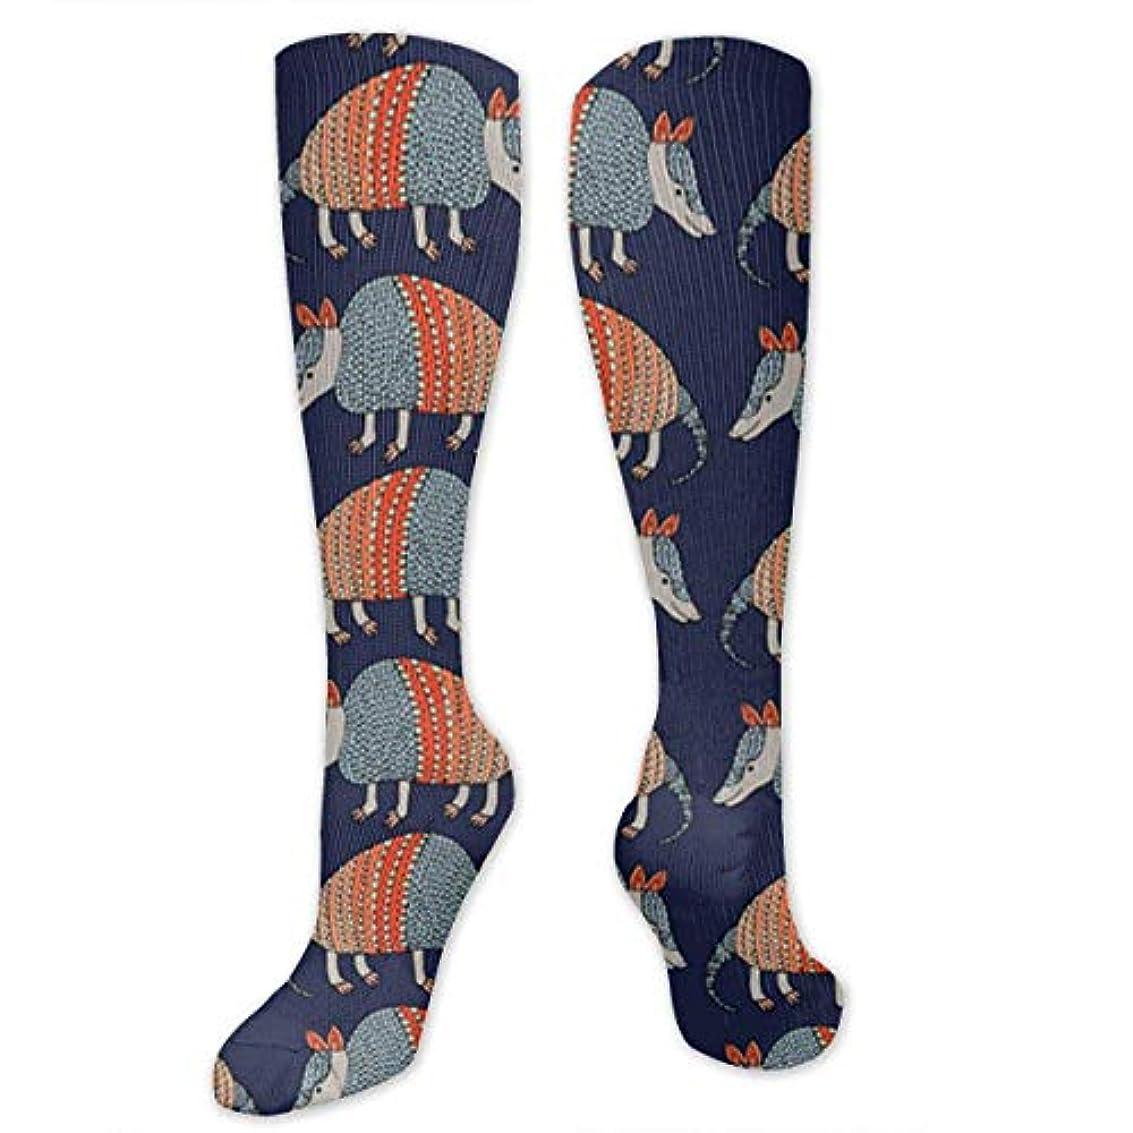 超えて百年地区靴下,ストッキング,野生のジョーカー,実際,秋の本質,冬必須,サマーウェア&RBXAA Armadillo Pattern Socks Women's Winter Cotton Long Tube Socks Knee...